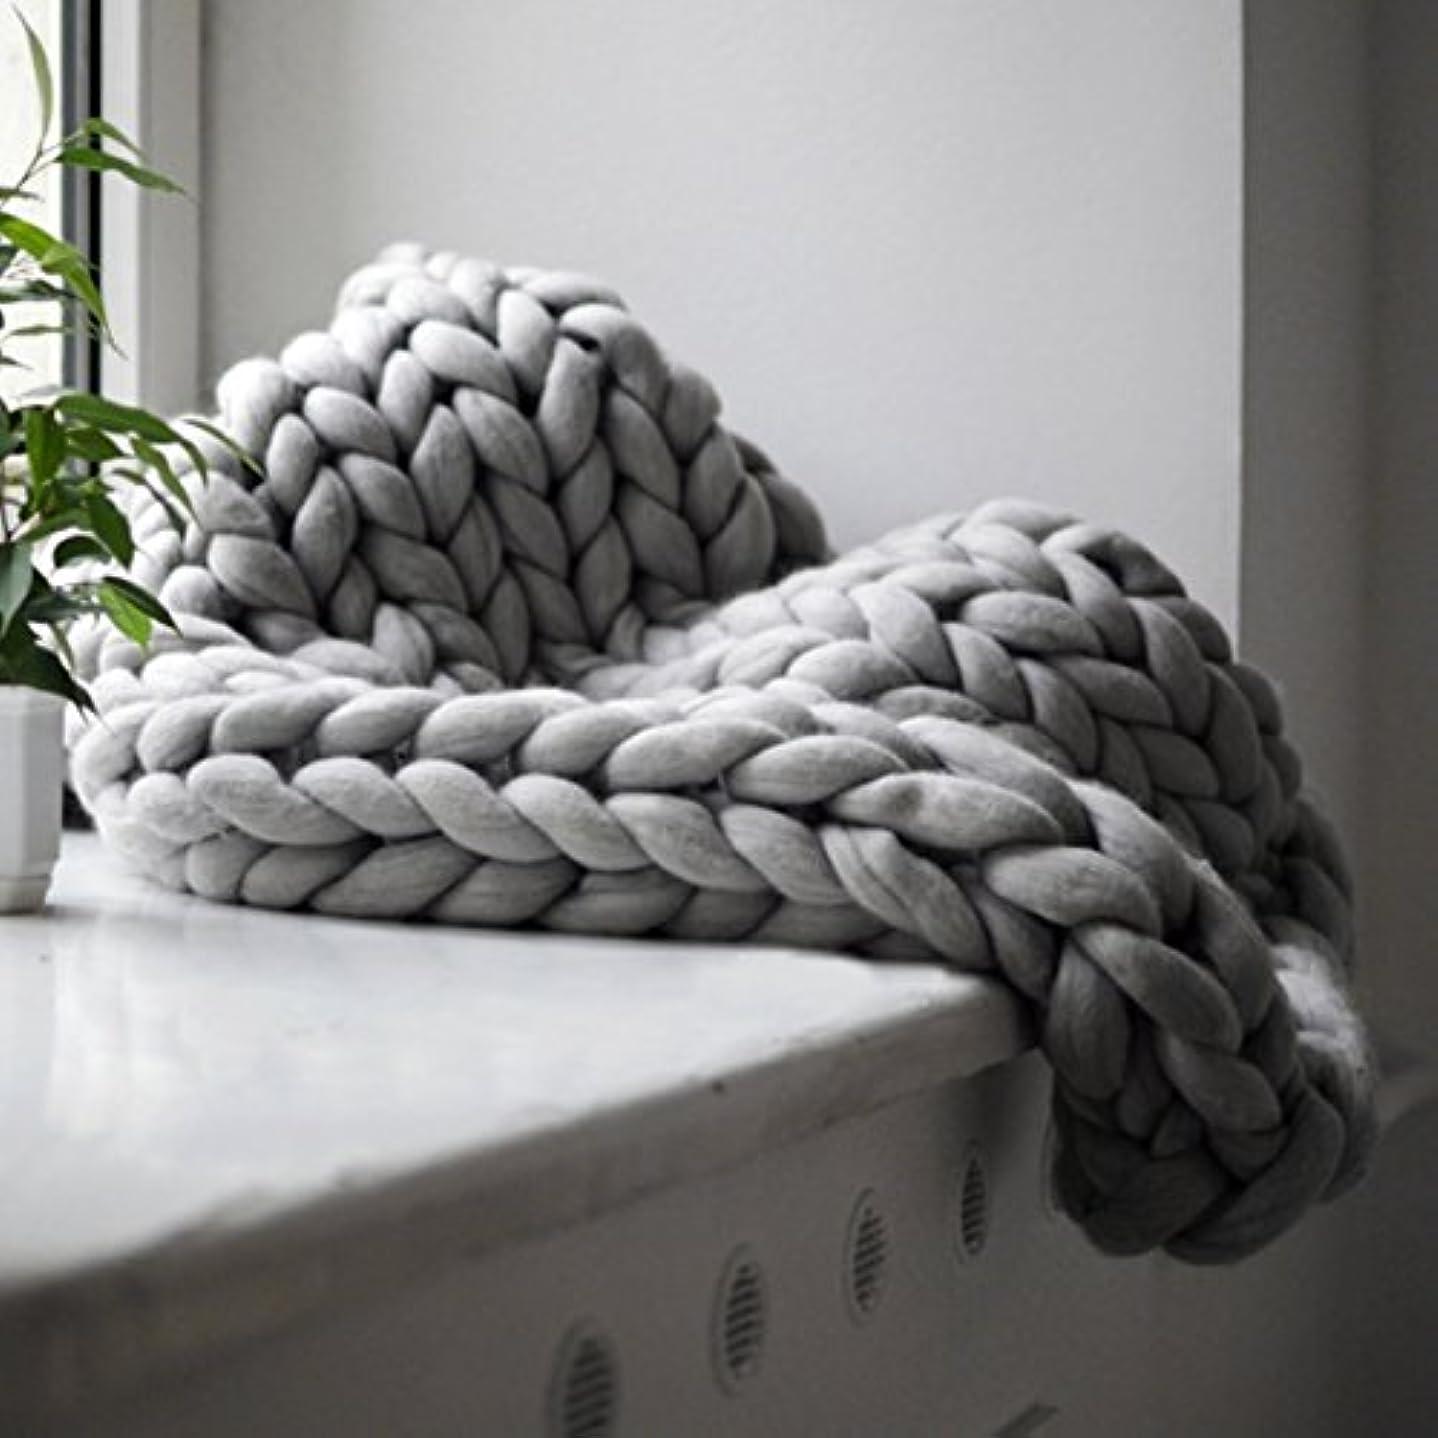 戸惑う階層汚物Saikogoods 快適な暖かいソフト太いラインジャイアント糸ニットブランケット手作りマニュアルウィービング写真小道具毛布をキープ グレー 100×120cm